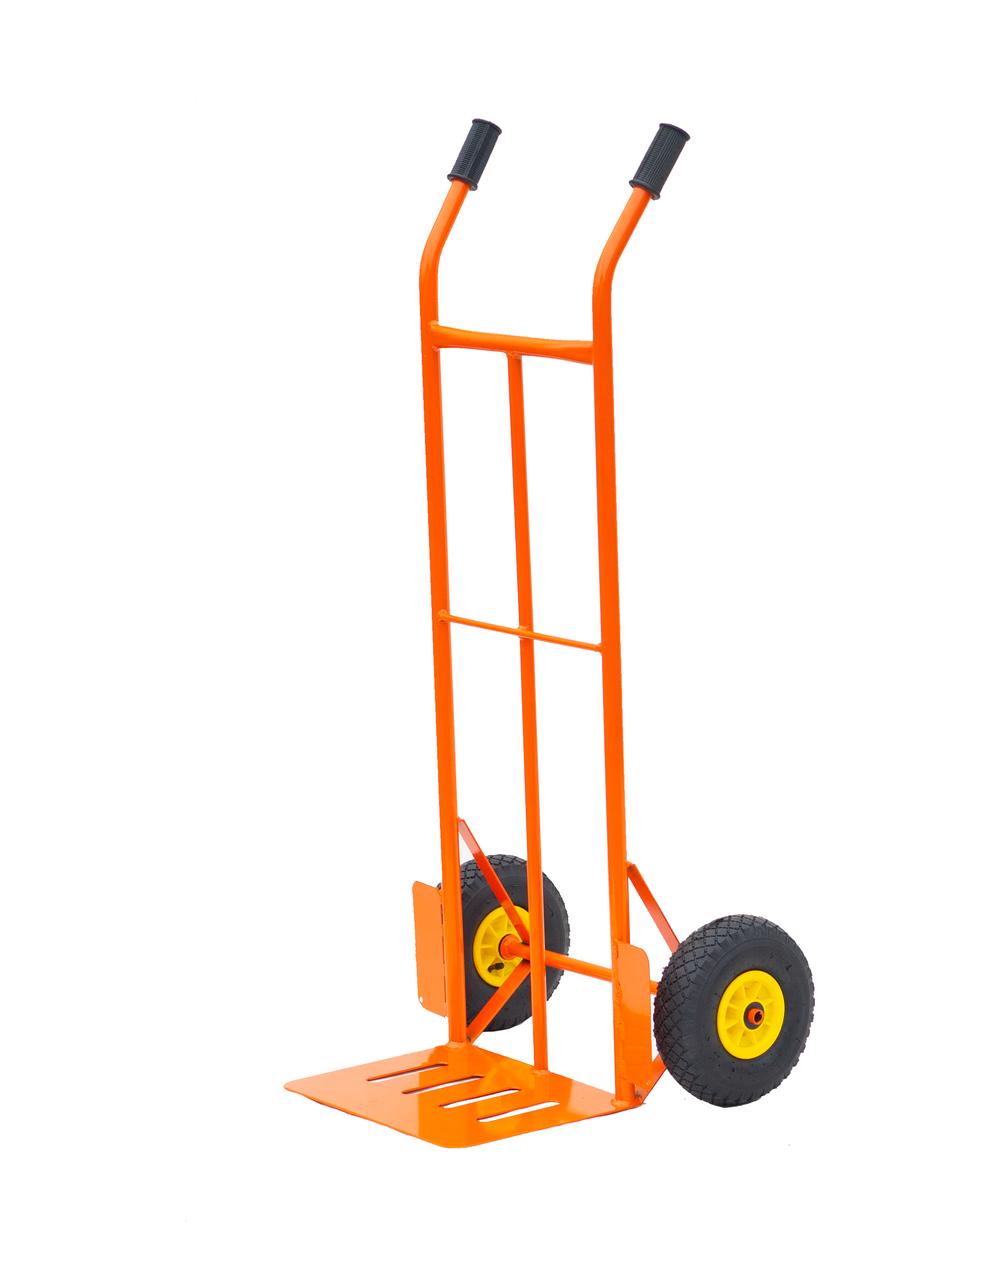 Візок двоколісний Orange 2500